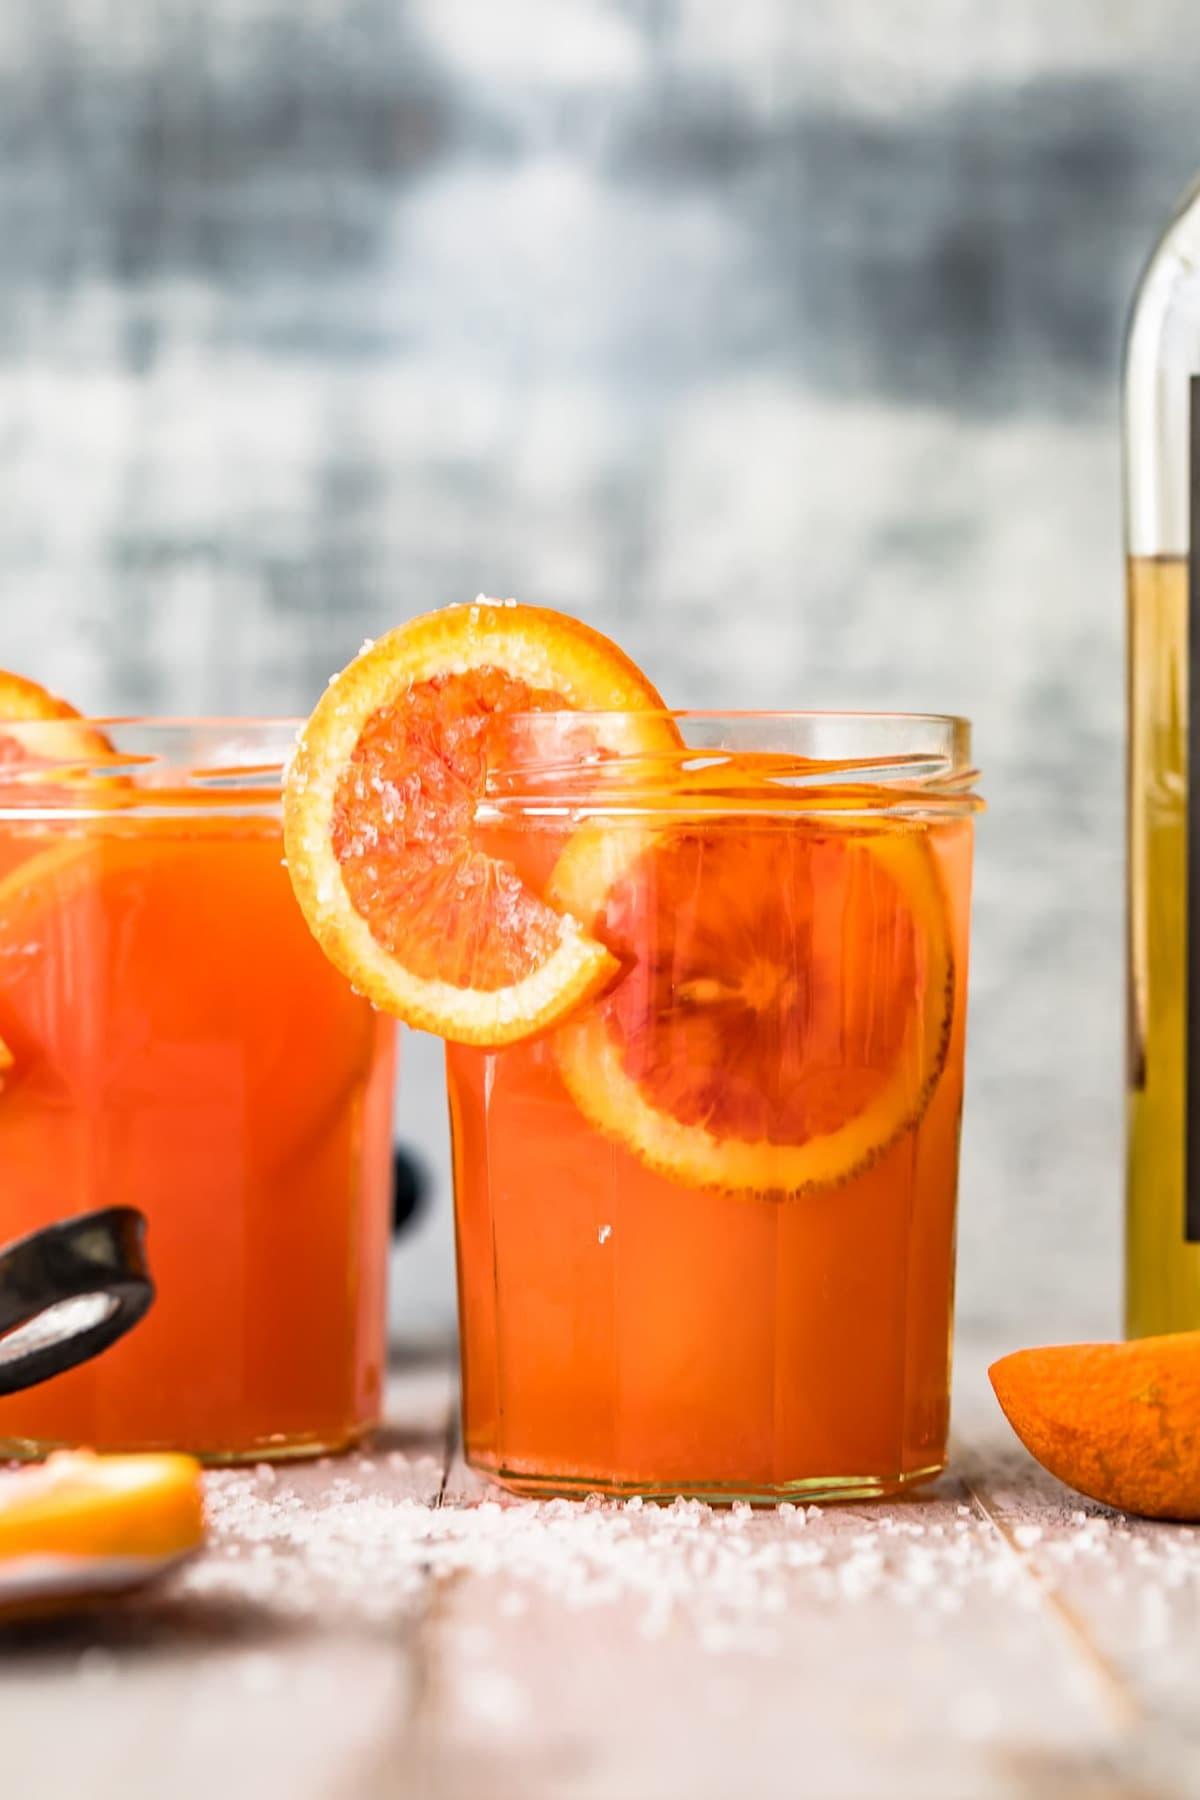 A blood orange cocktail garnished with an orange slice